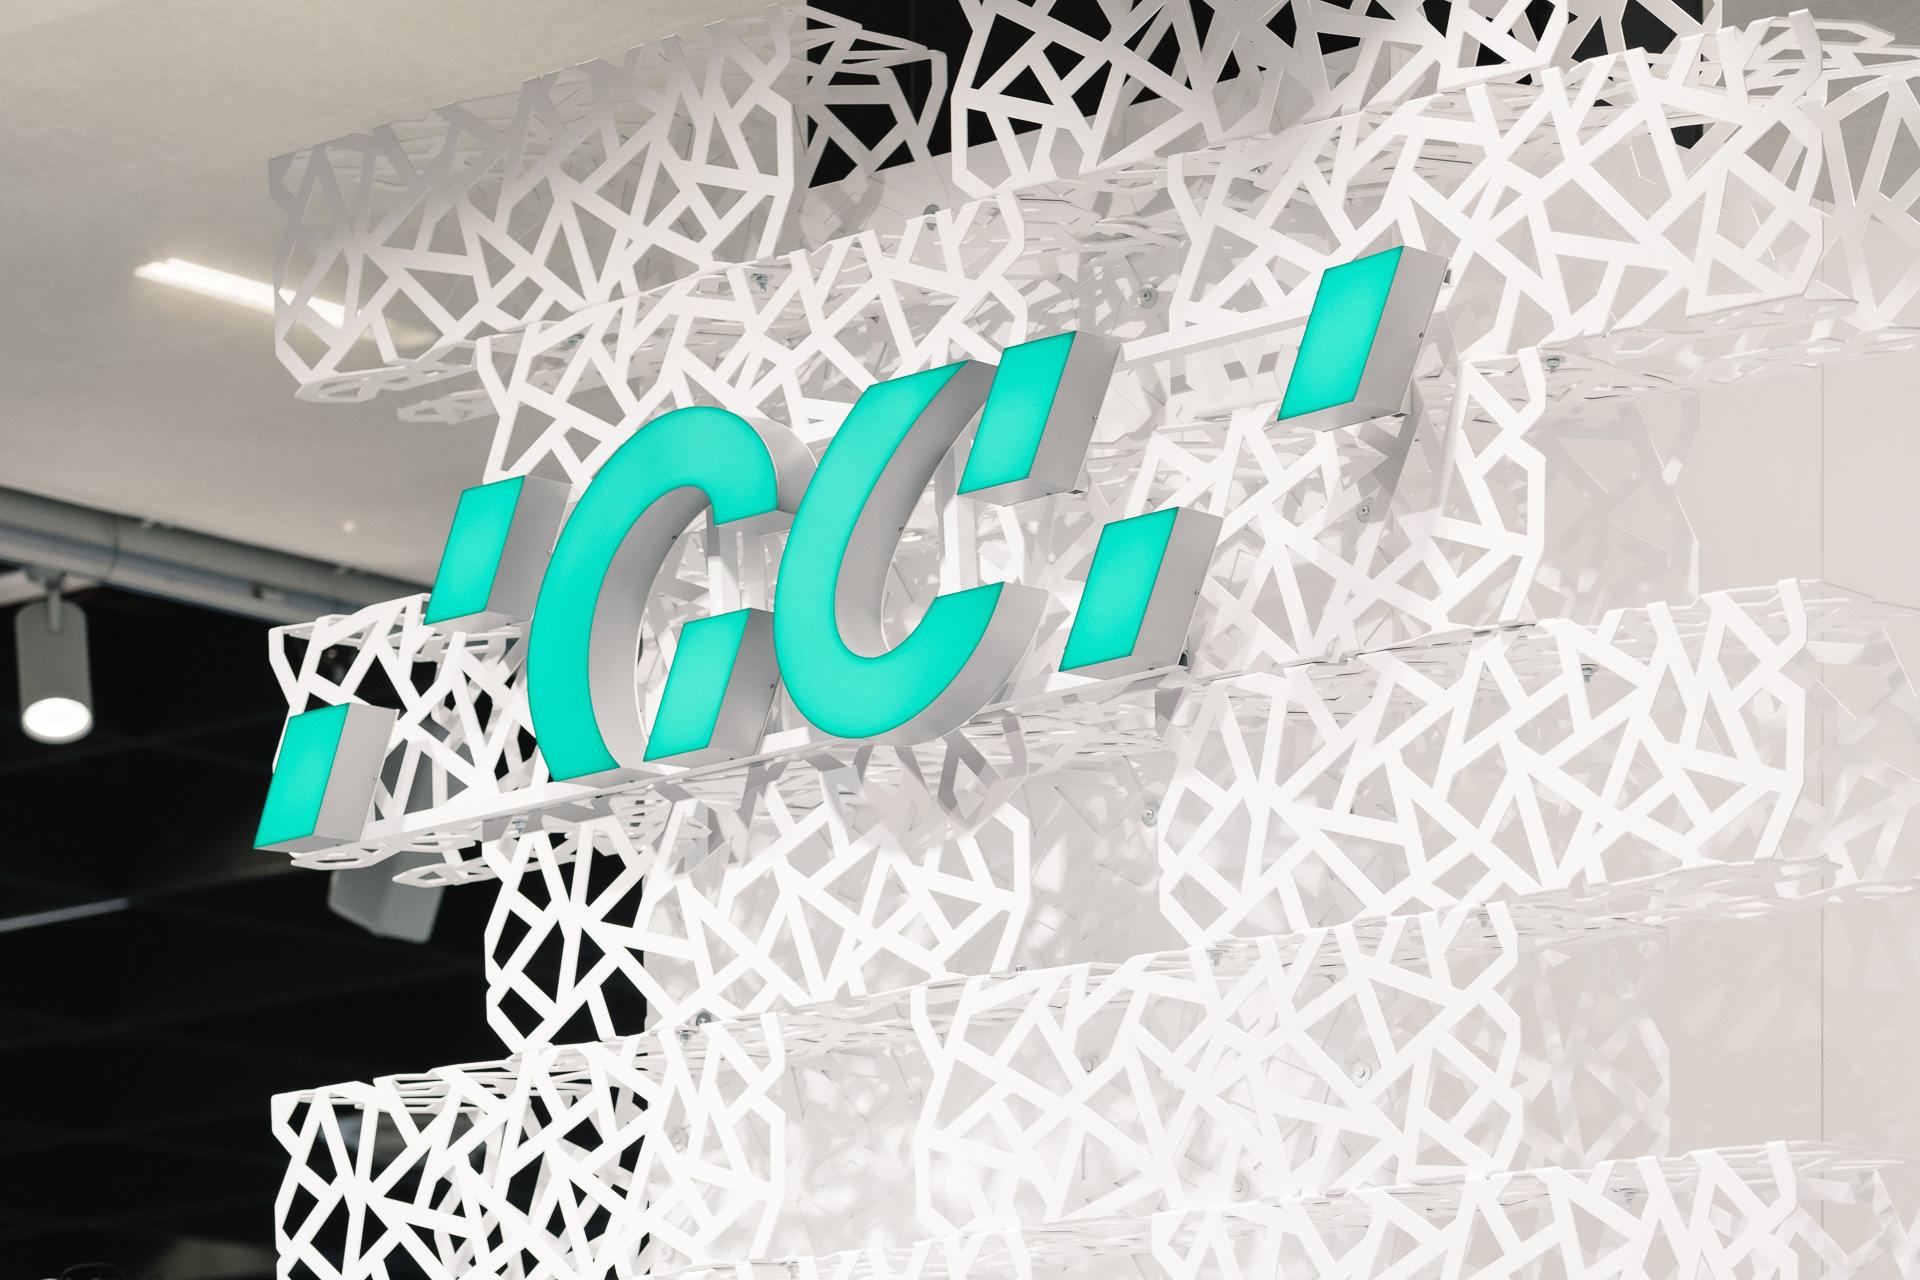 GC_IDS_StandDesign_by_Alina_Cuerten_205_